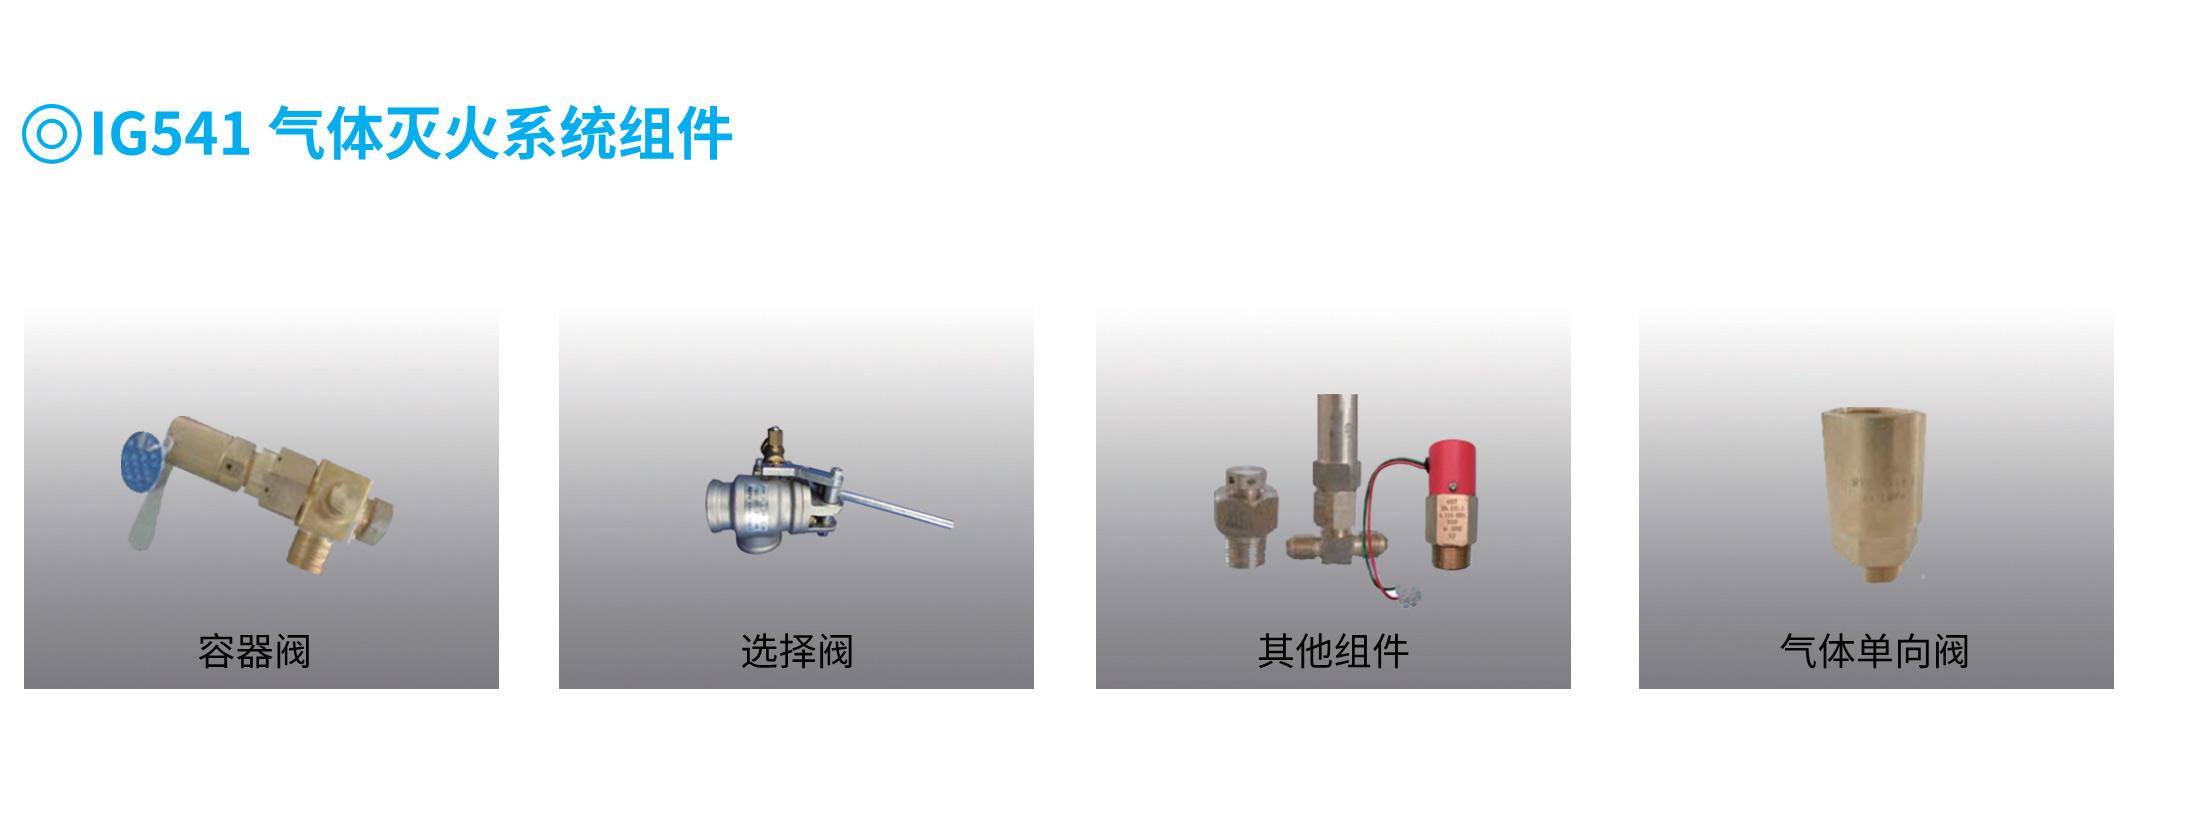 选择阀-IG541气体灭火系统组件